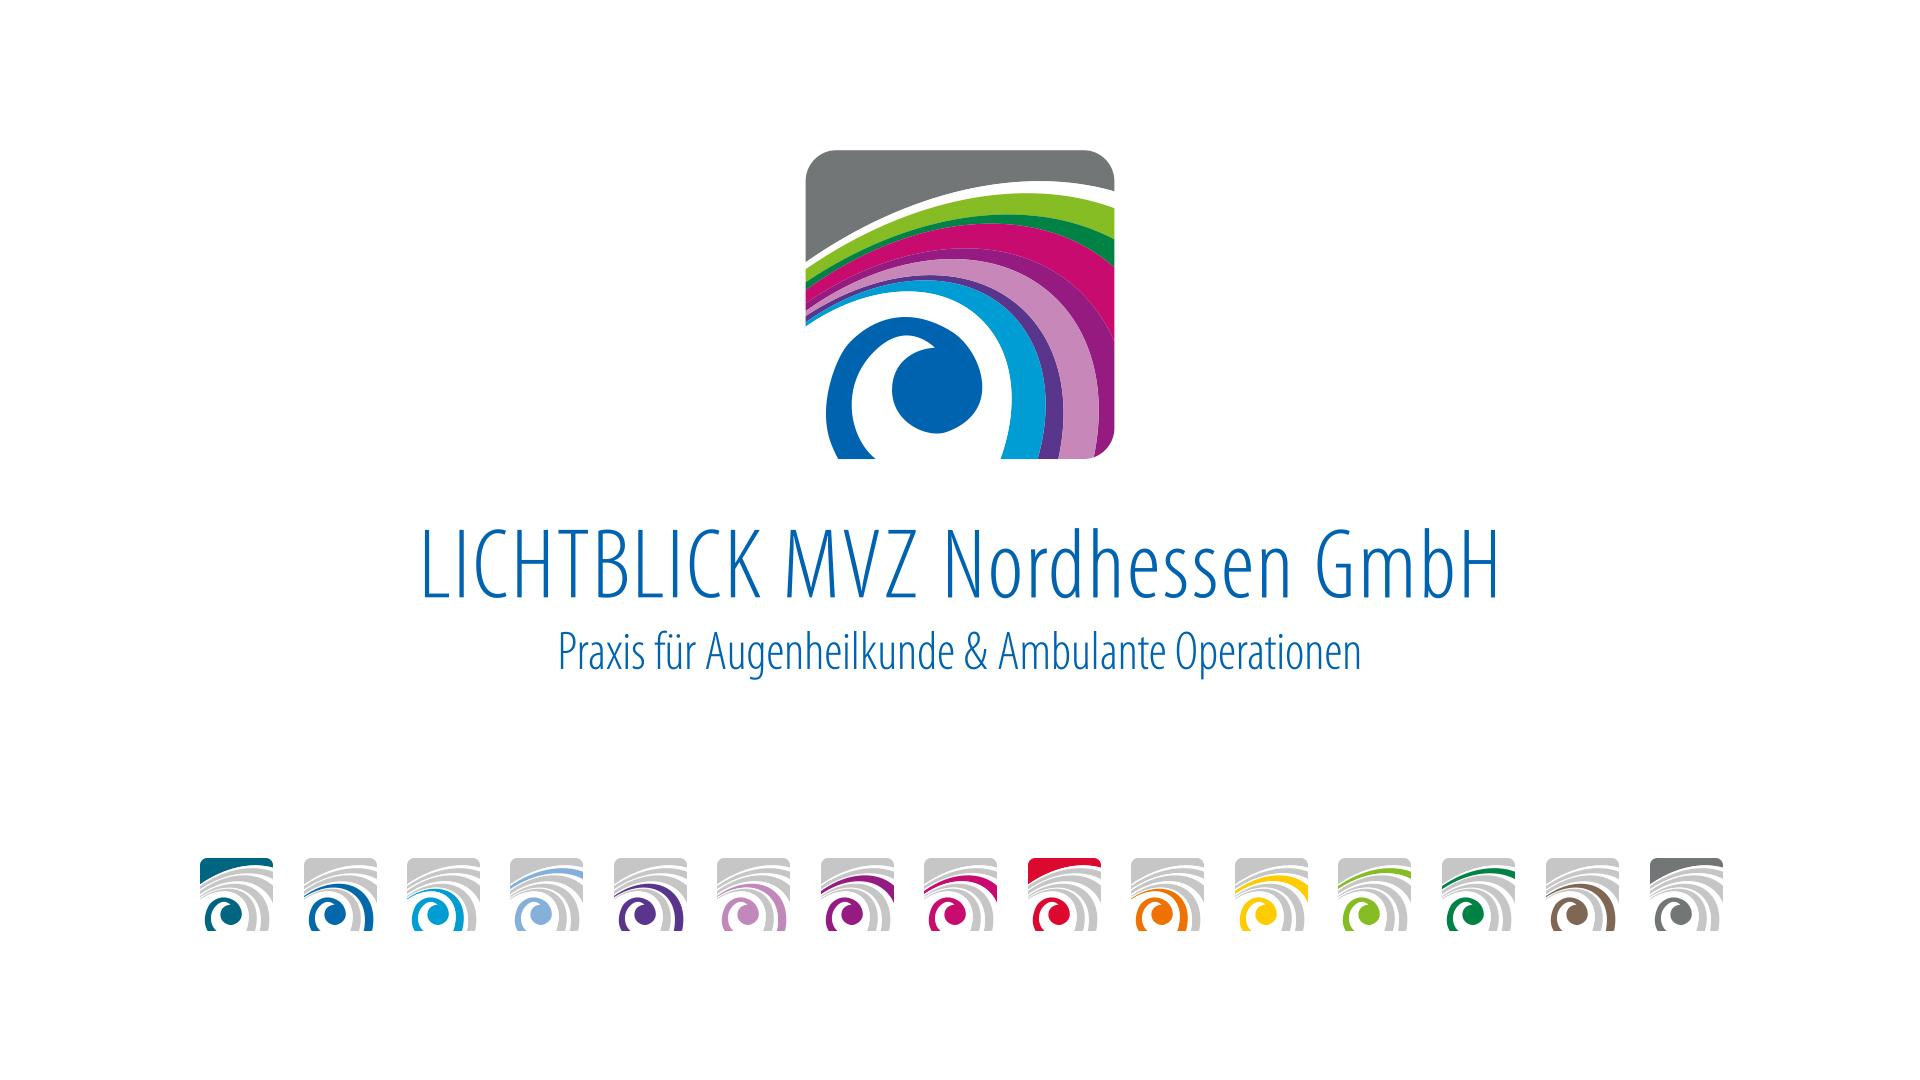 Logoentwicklung Lichtblick MVZ Nordhessen GmbH